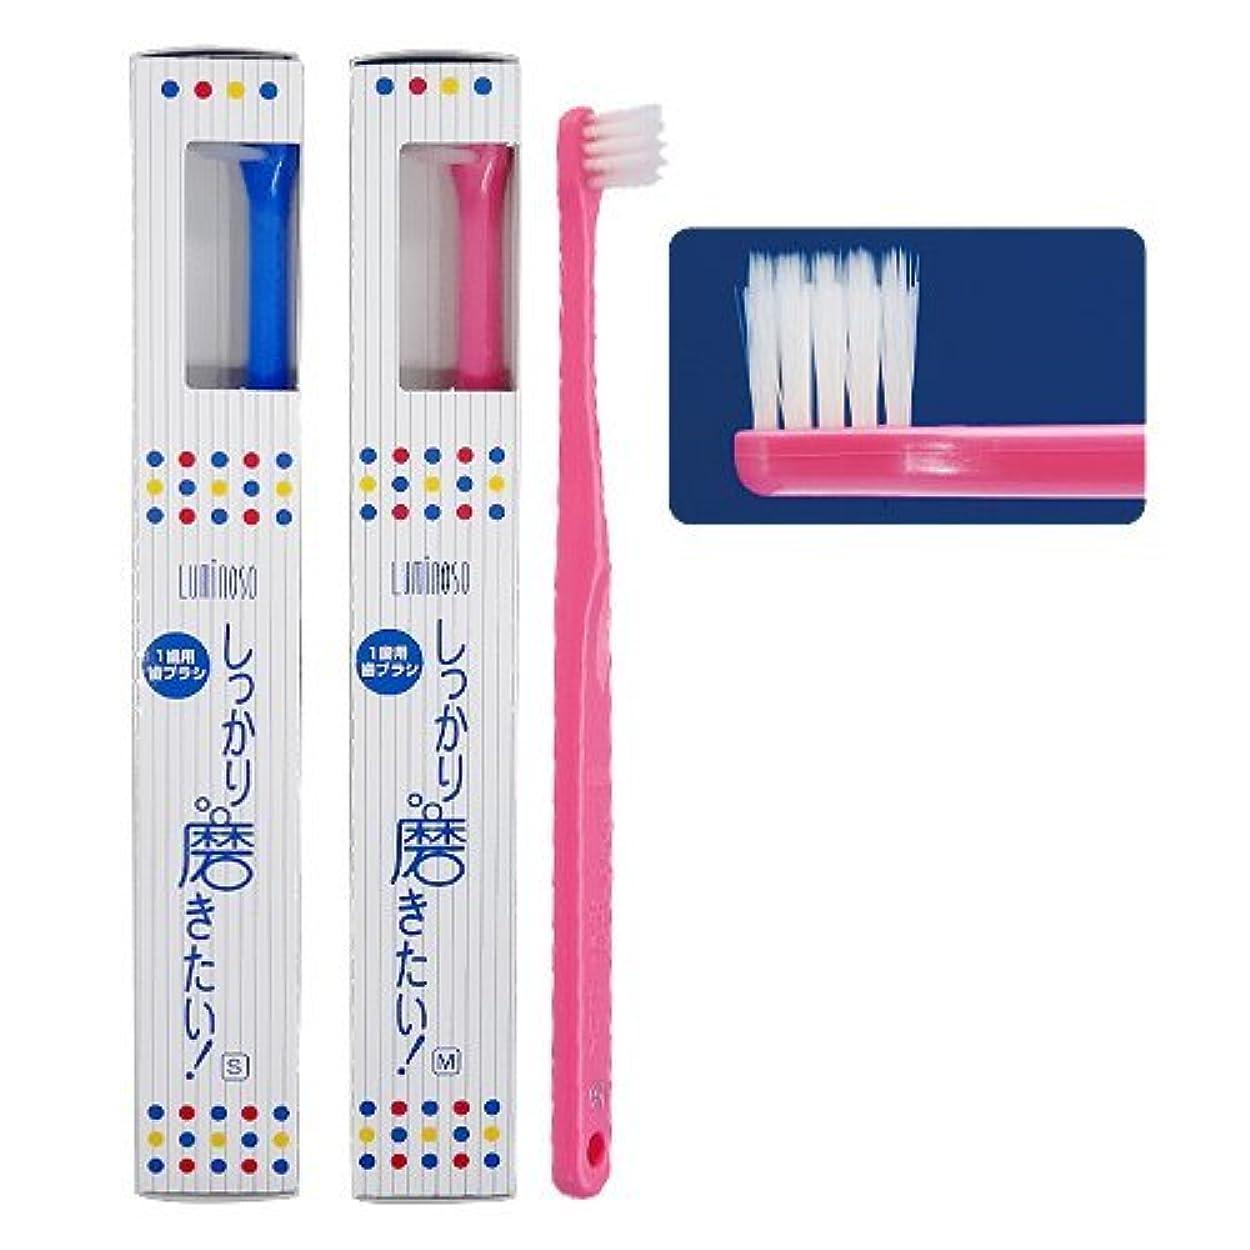 温帯学習ウガンダルミノソ 1歯用歯ブラシ「しっかり磨きたい!」スタンダード ミディアム (カラー指定不可) 3本